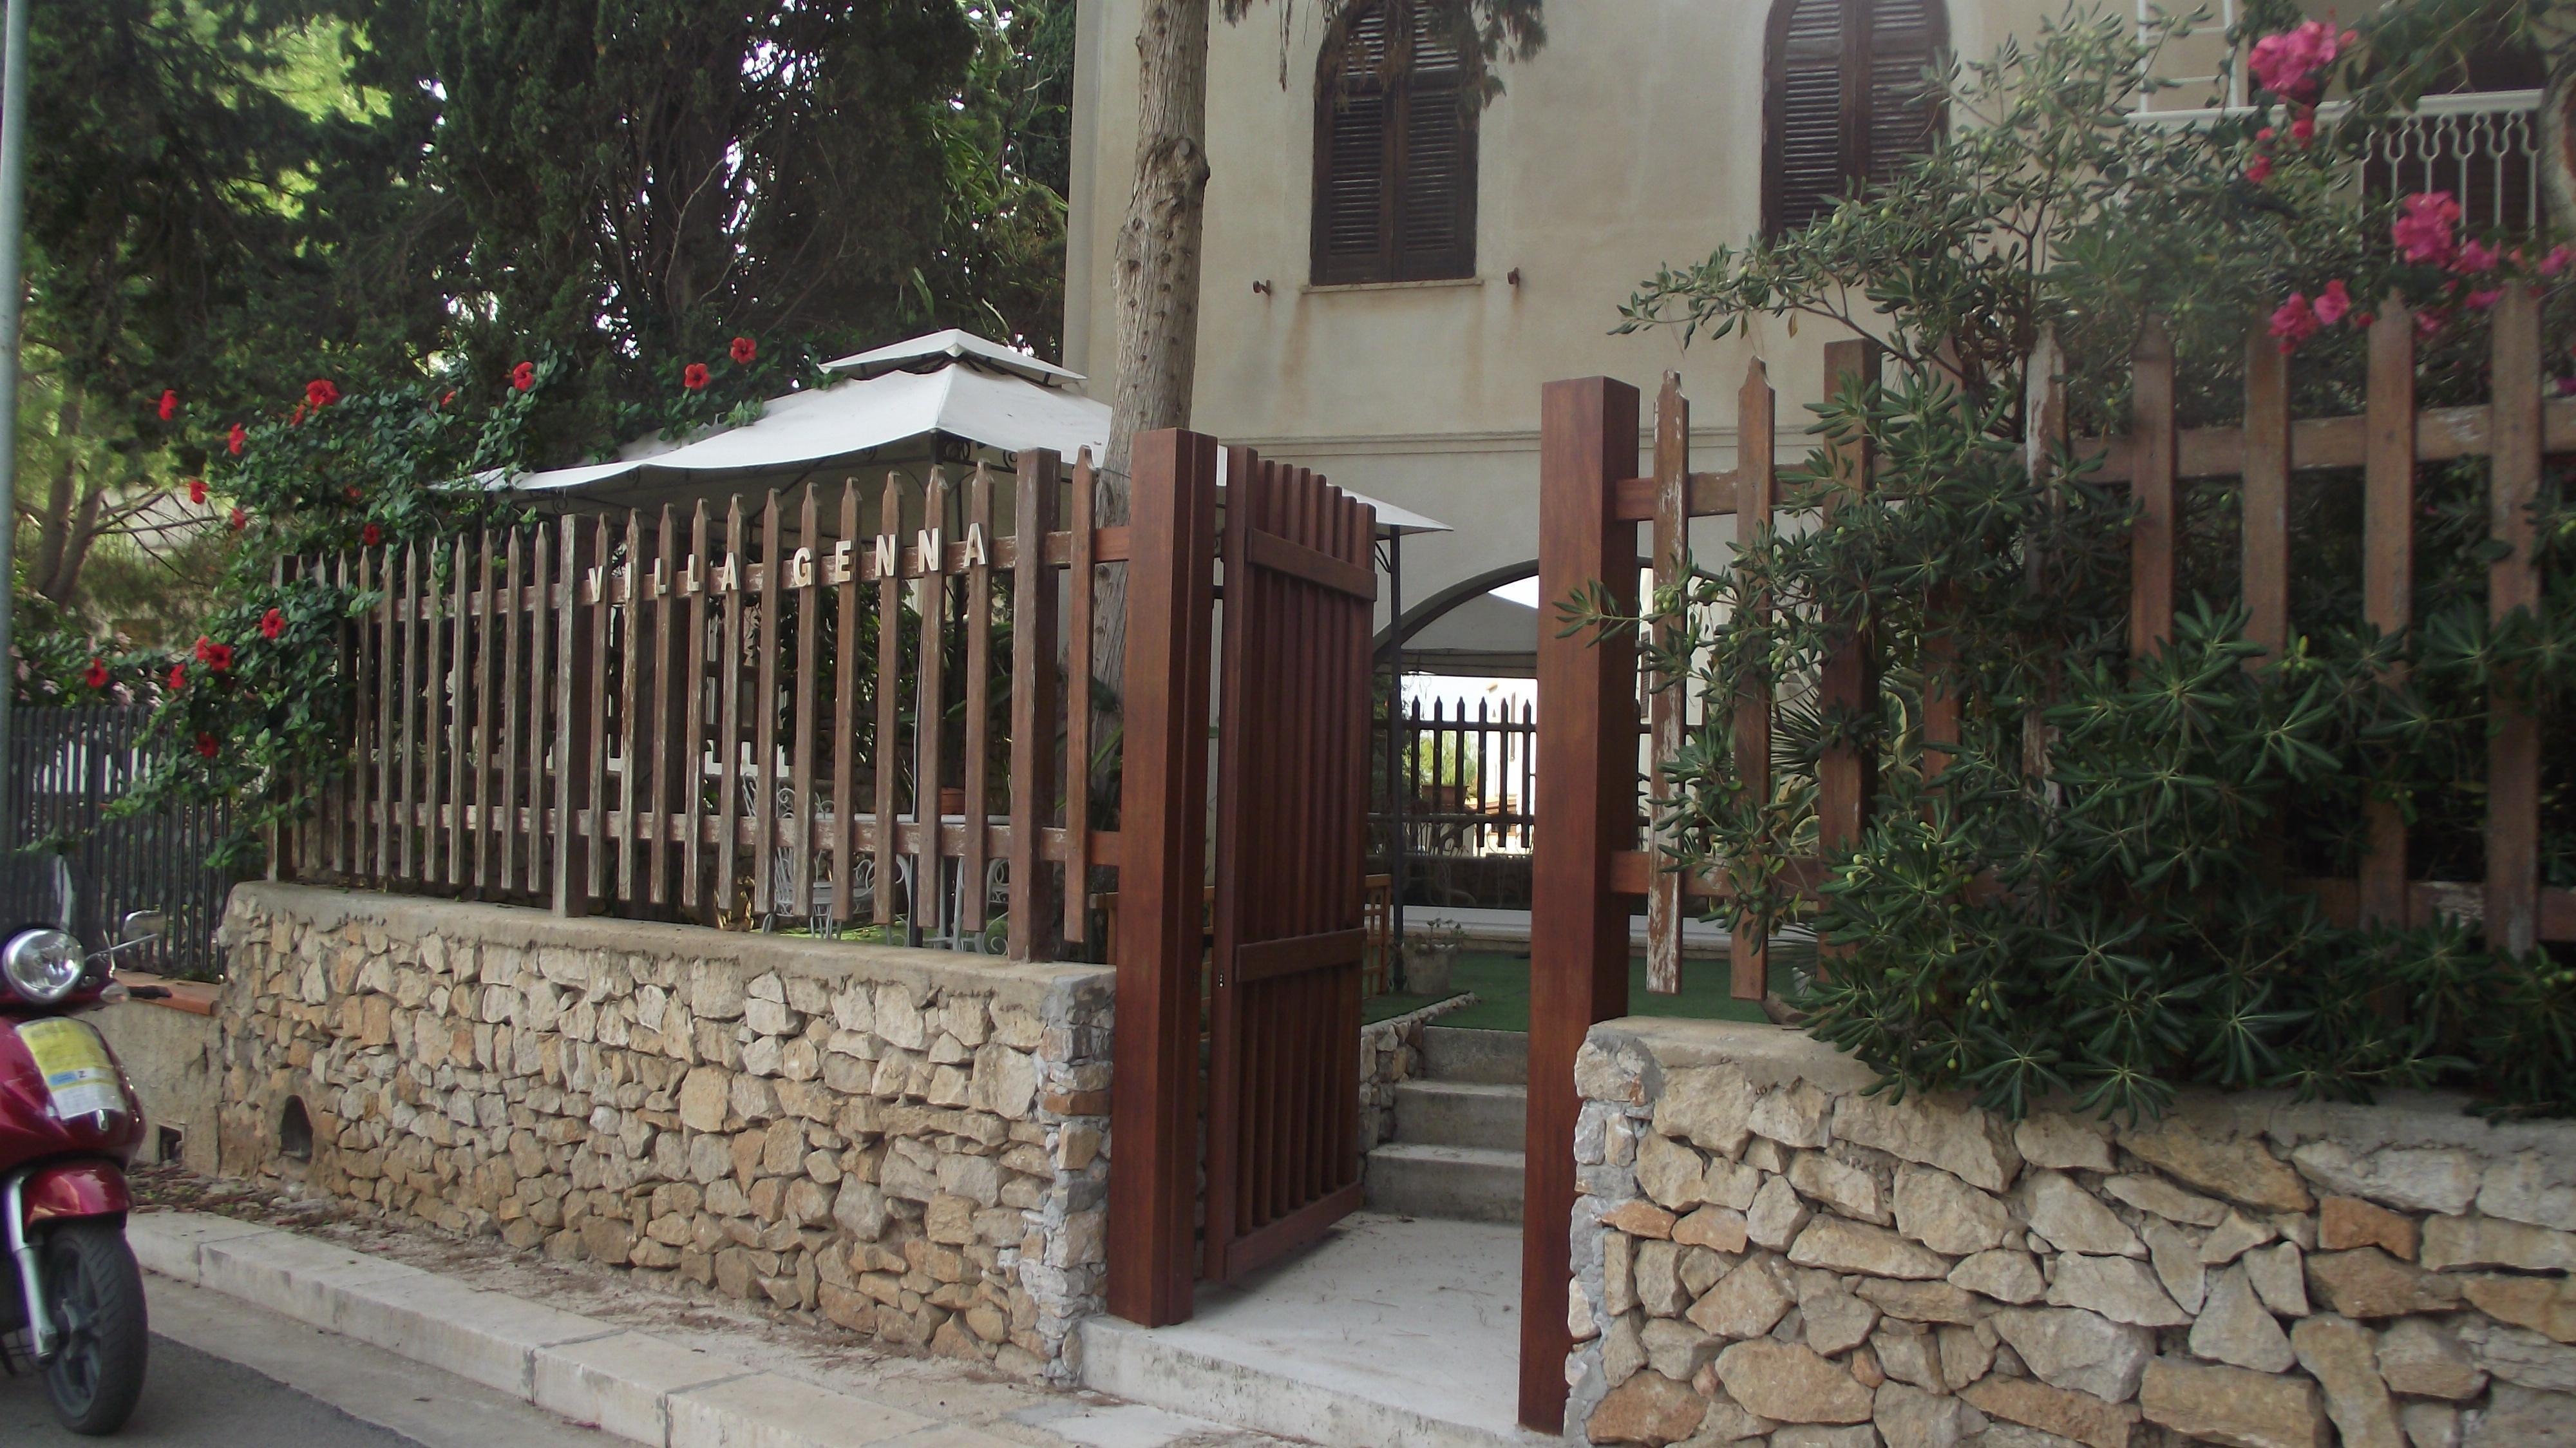 Appartement de vacances VILLA GENNA (1729788), San Vito Lo Capo, Trapani, Sicile, Italie, image 15